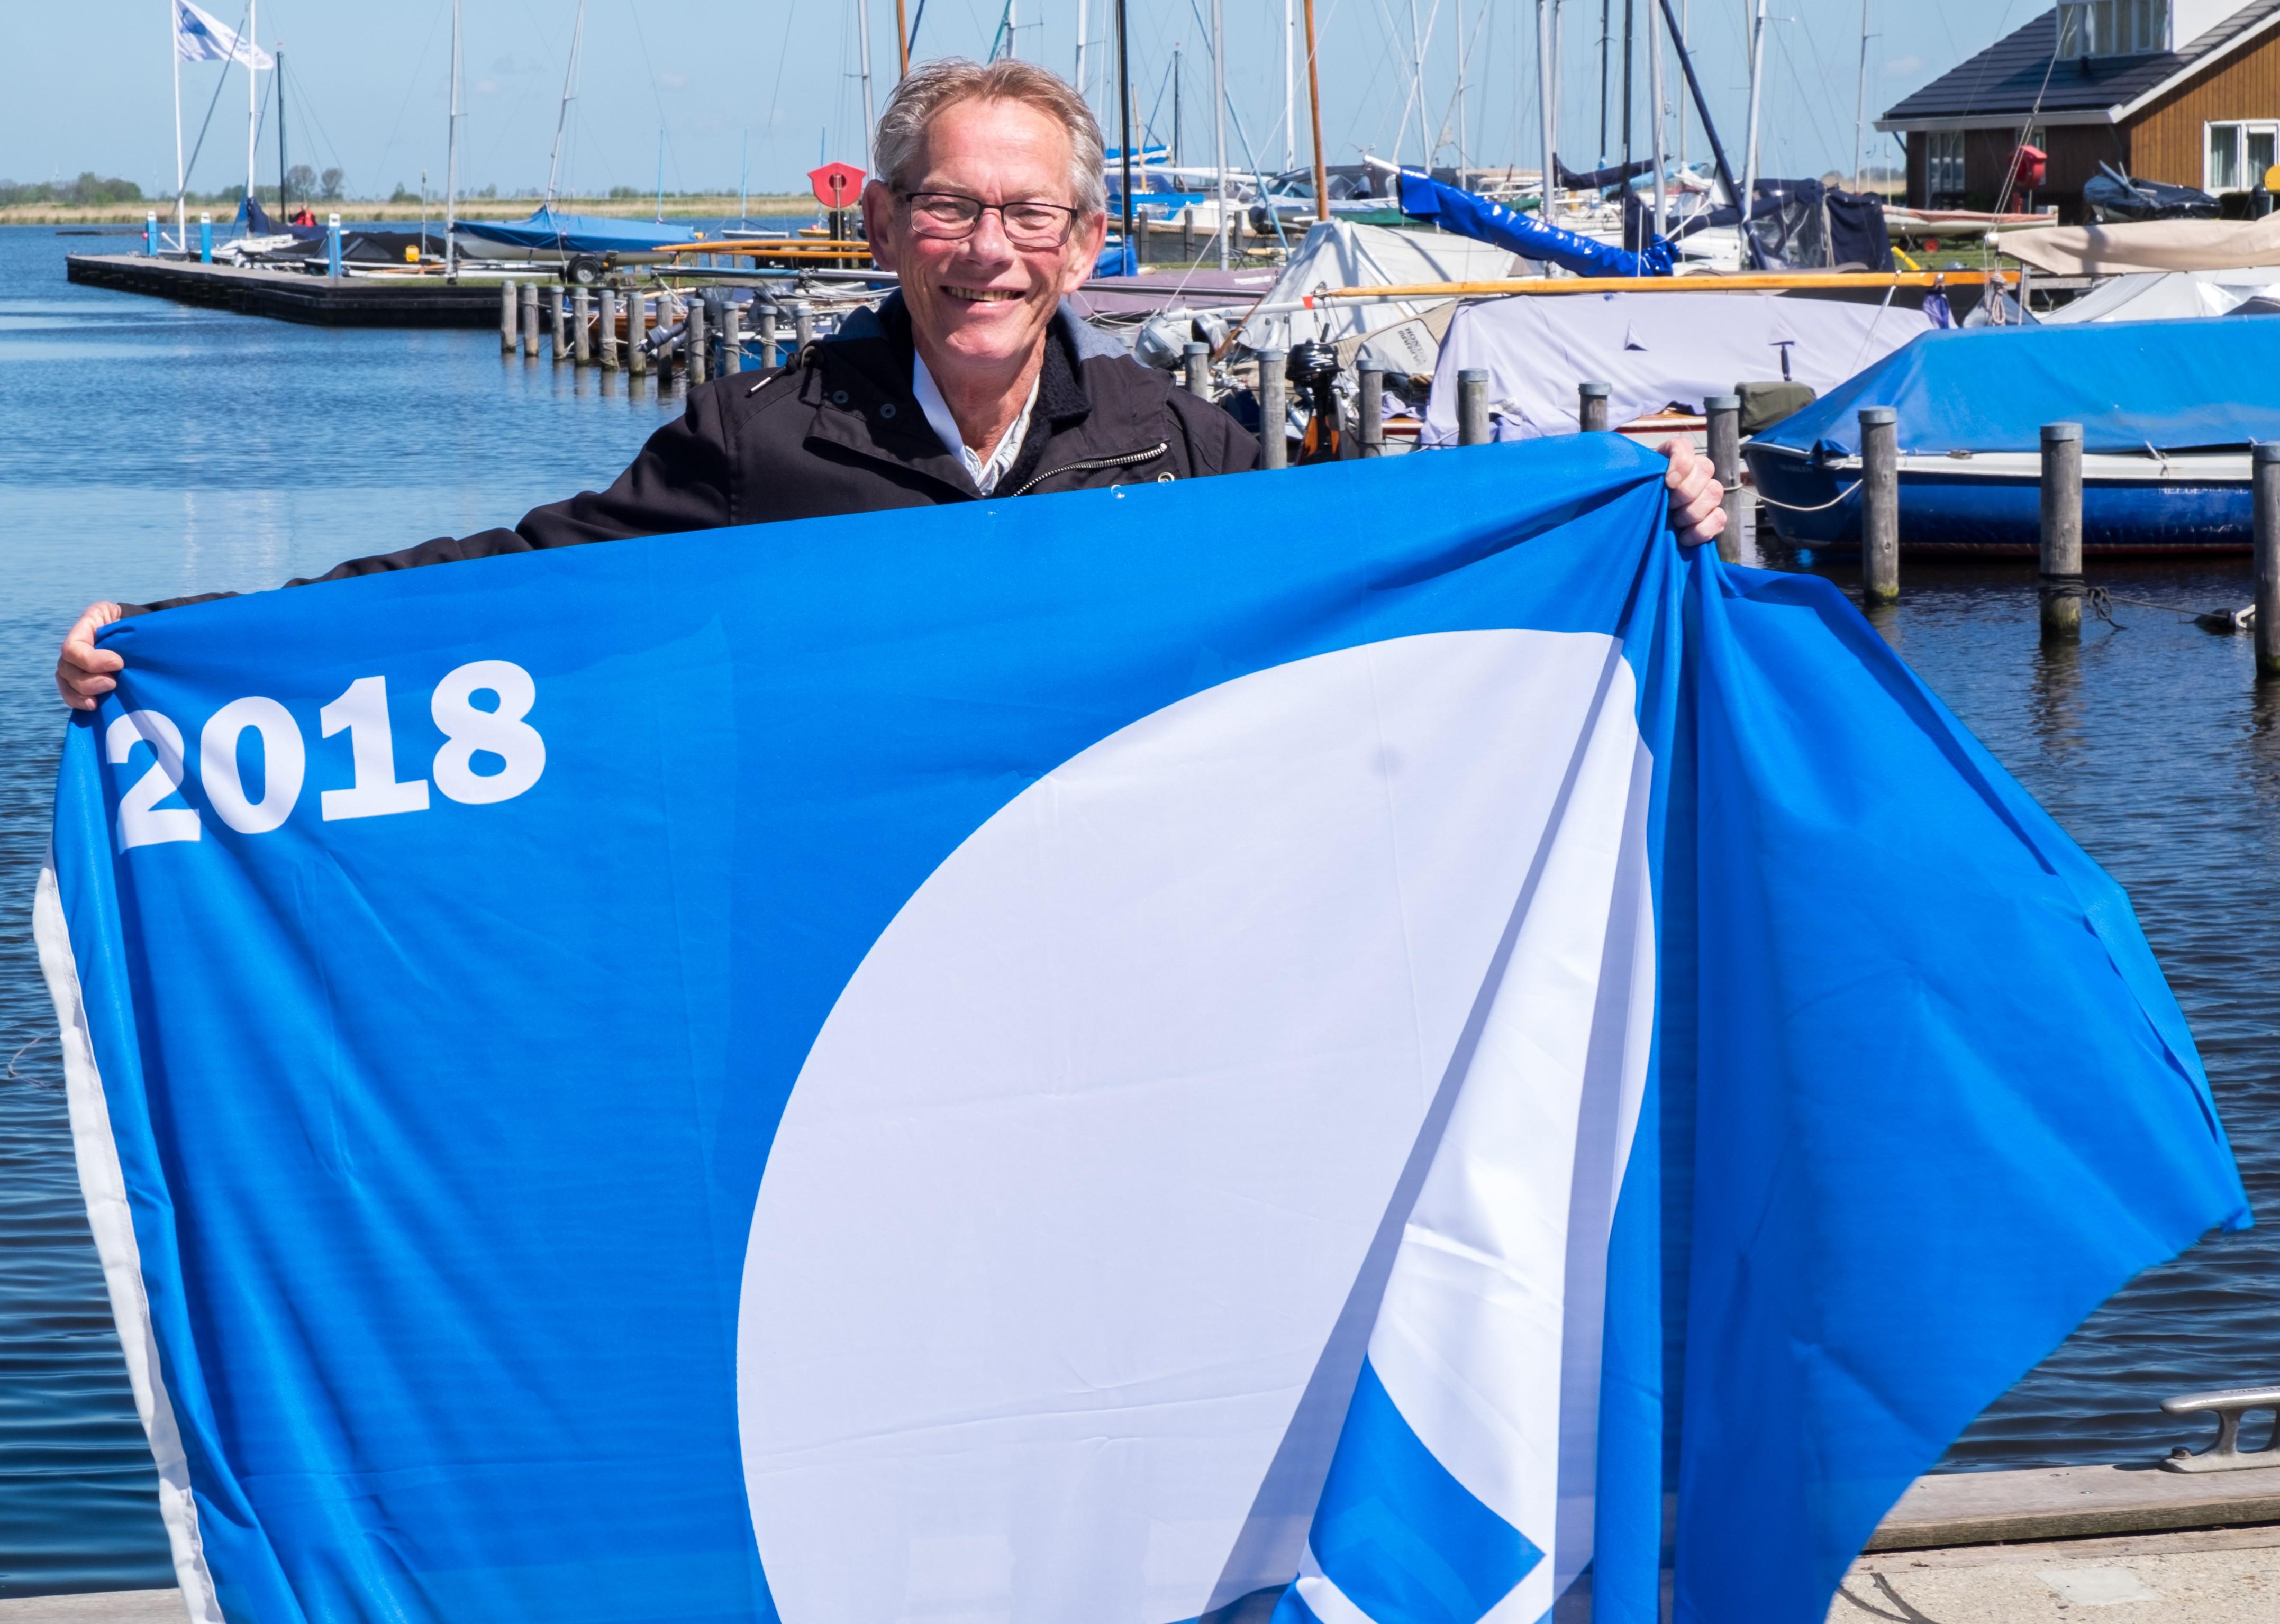 blauwevlag-14.jpg